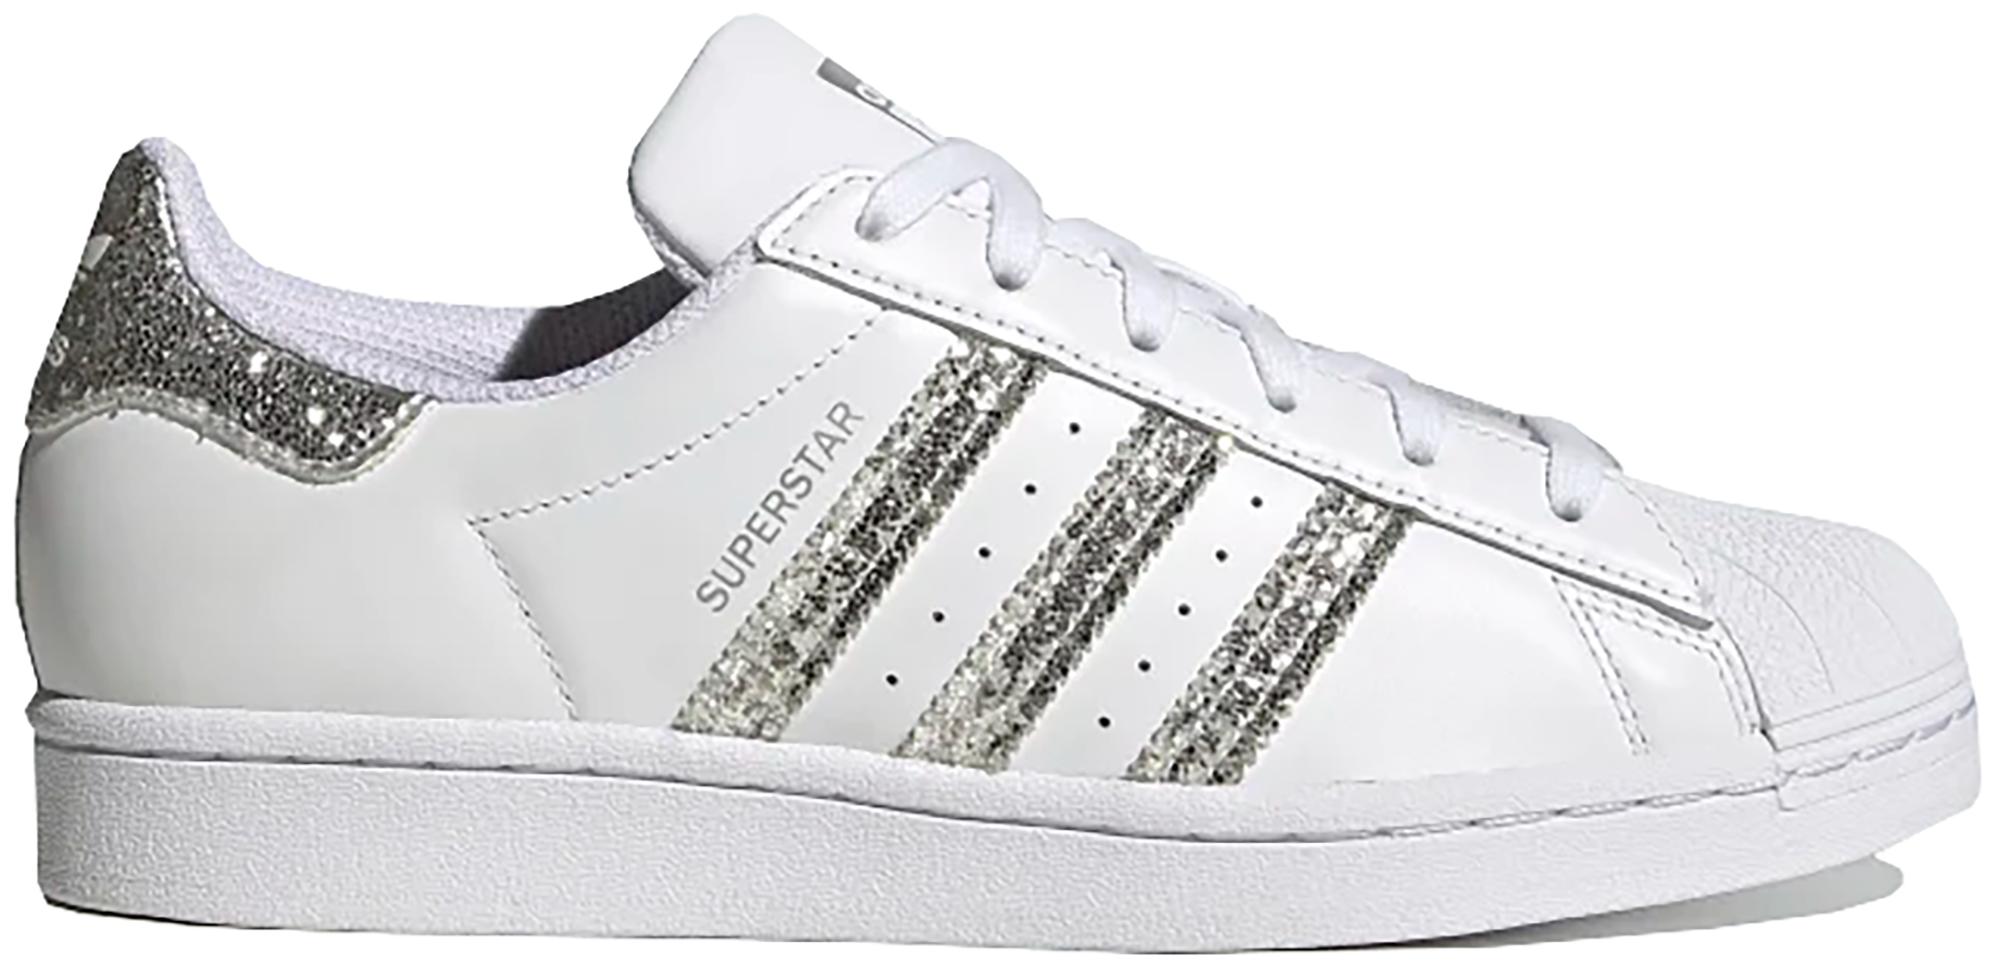 adidas Superstar White Silver Glitter